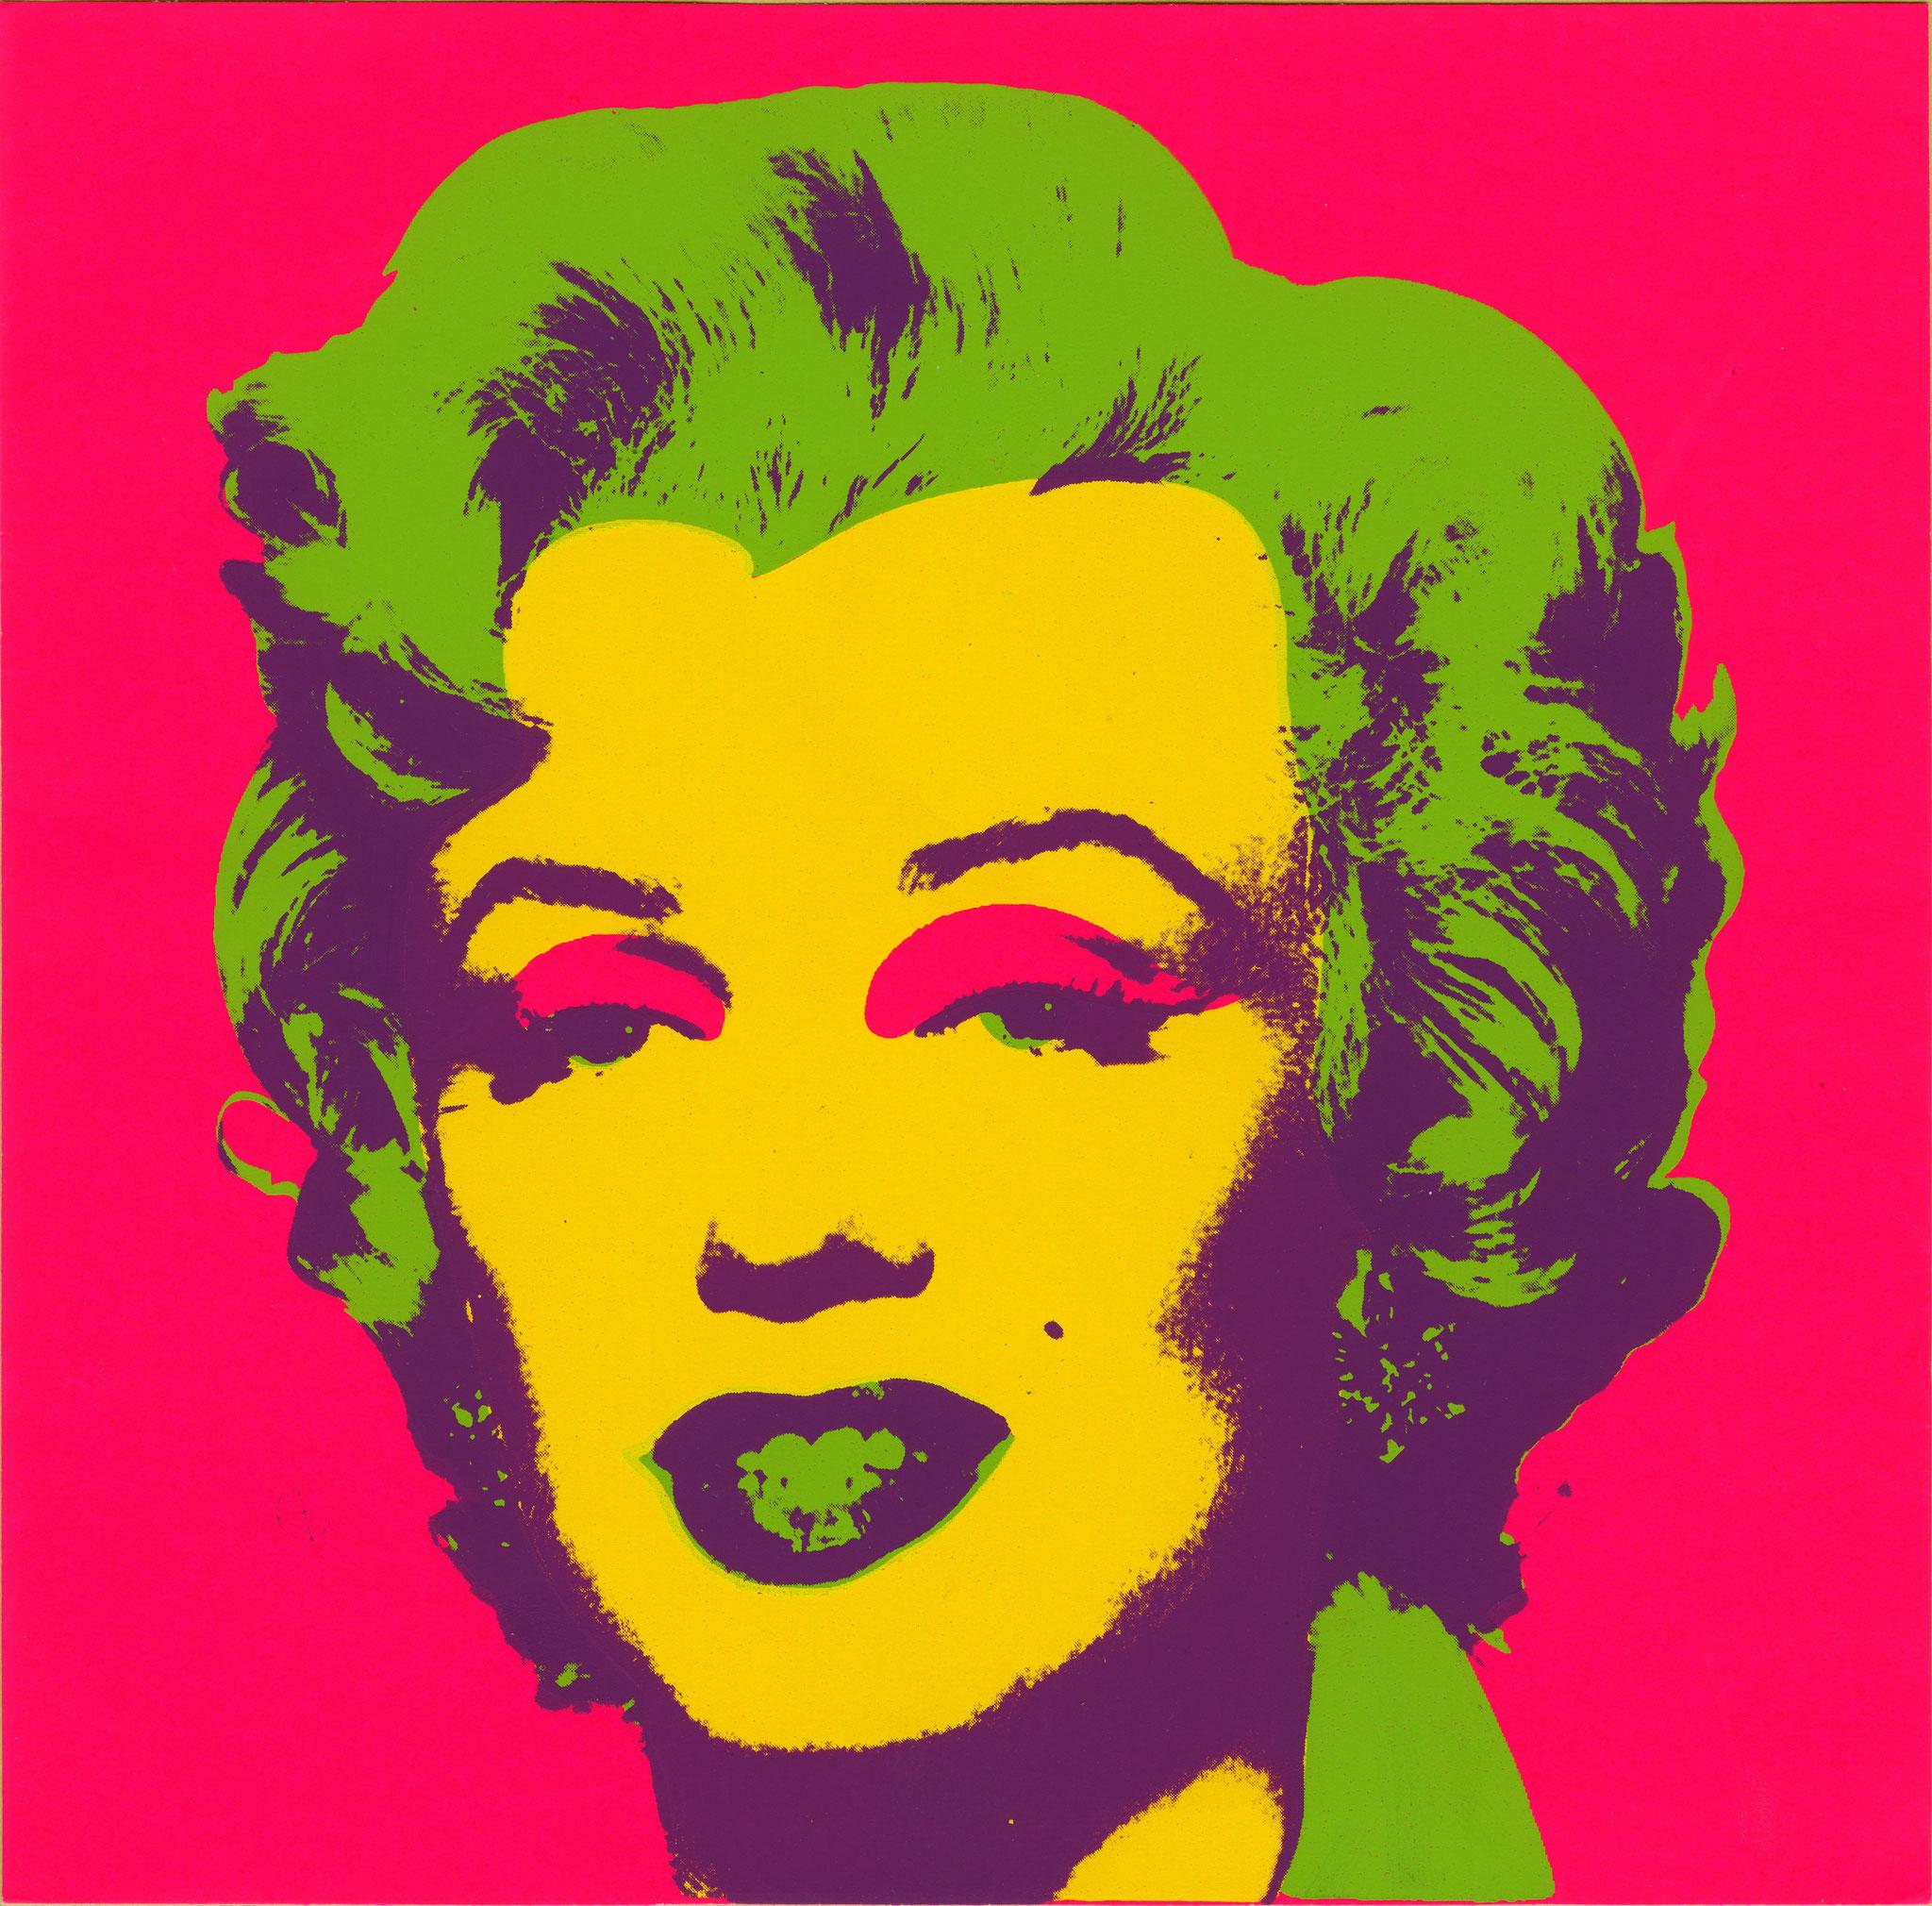 ANDY WARHOL. EL ARTE MECÁNICO. Marilyn Print. 1967. Seríagrafía sobre papel. Collection of the Andy Warhol Museum, Pittsburgh